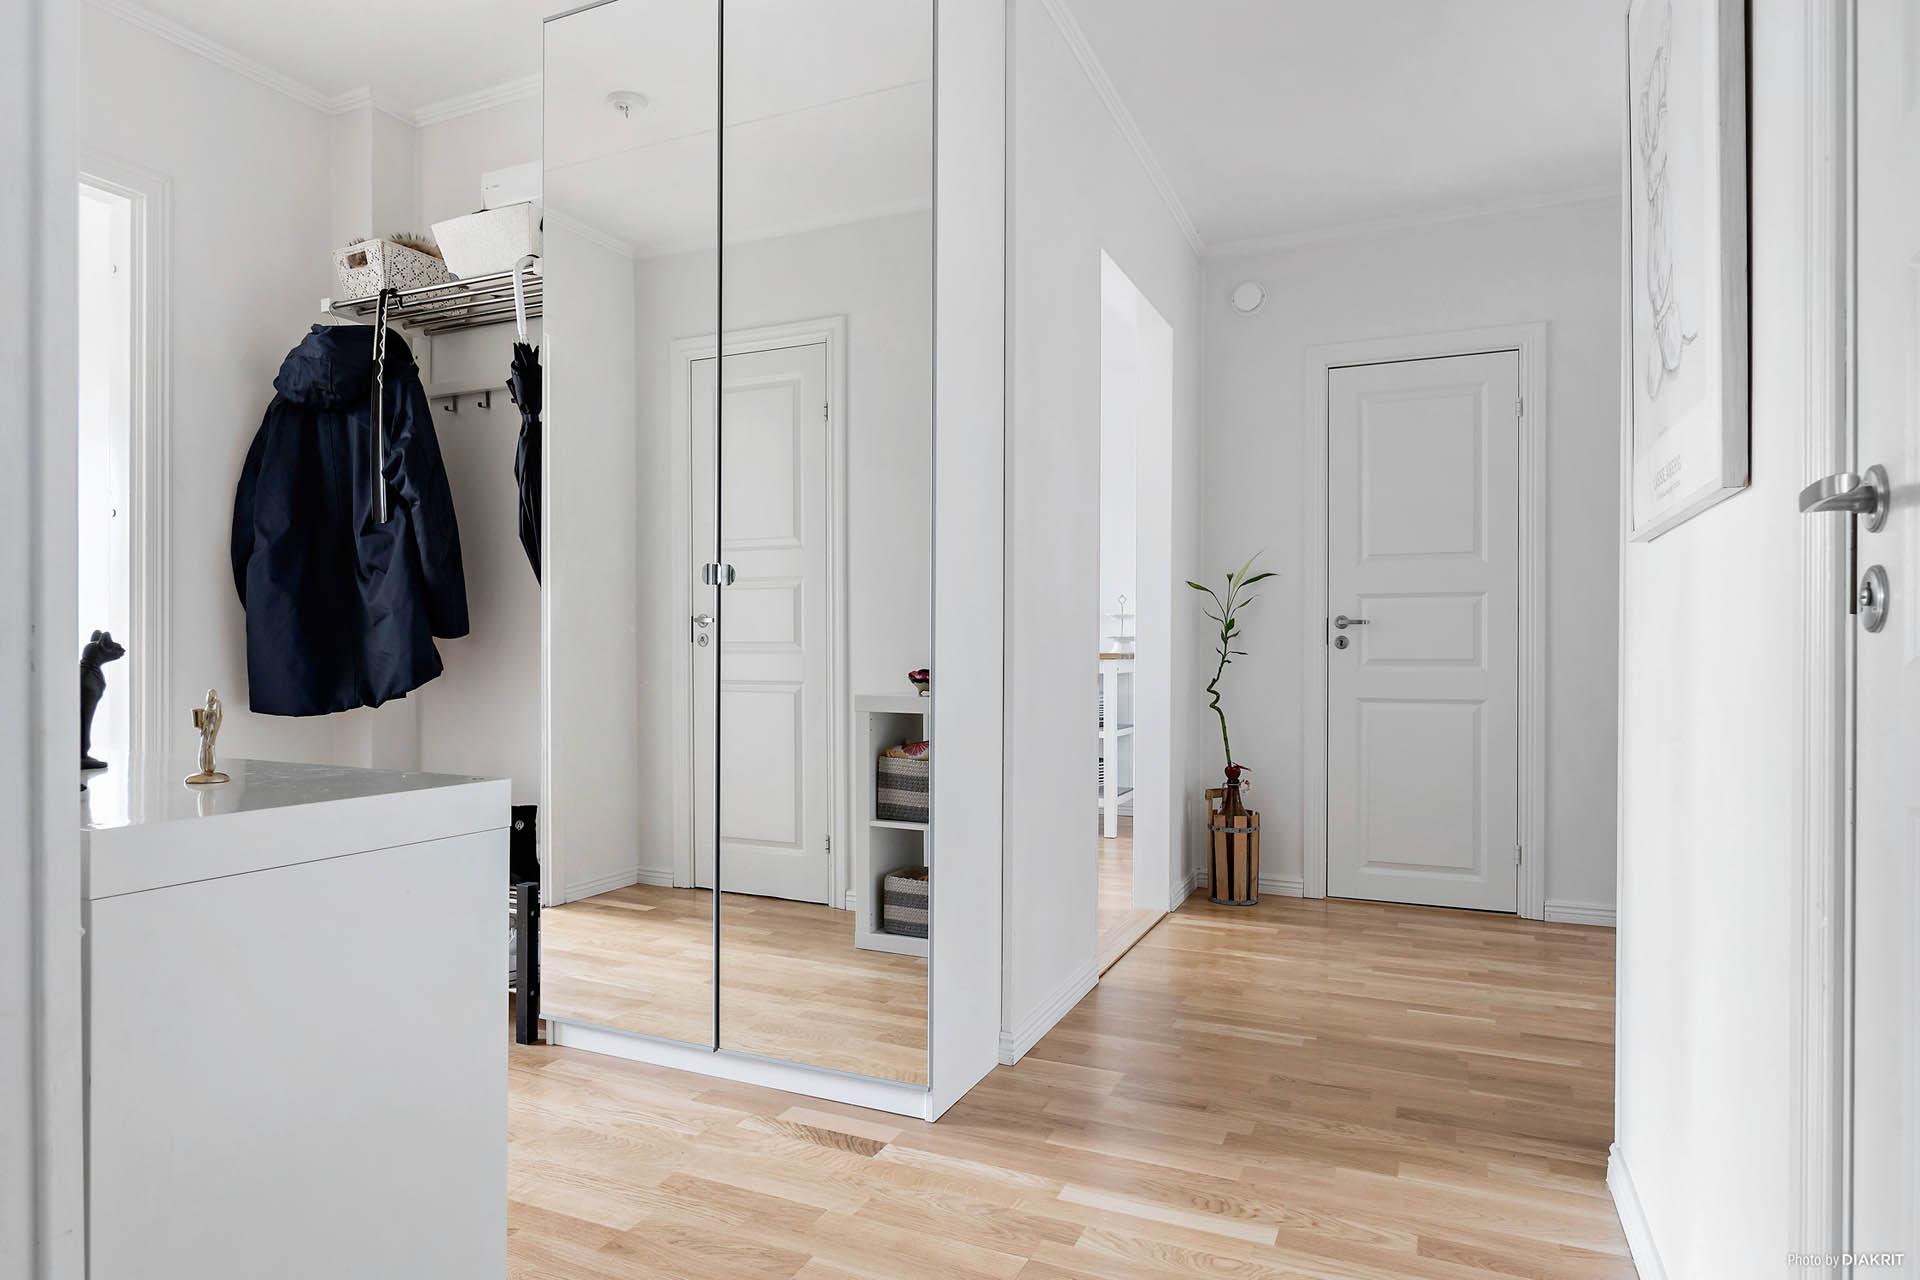 Luftig hall med både garderob och klädkammare